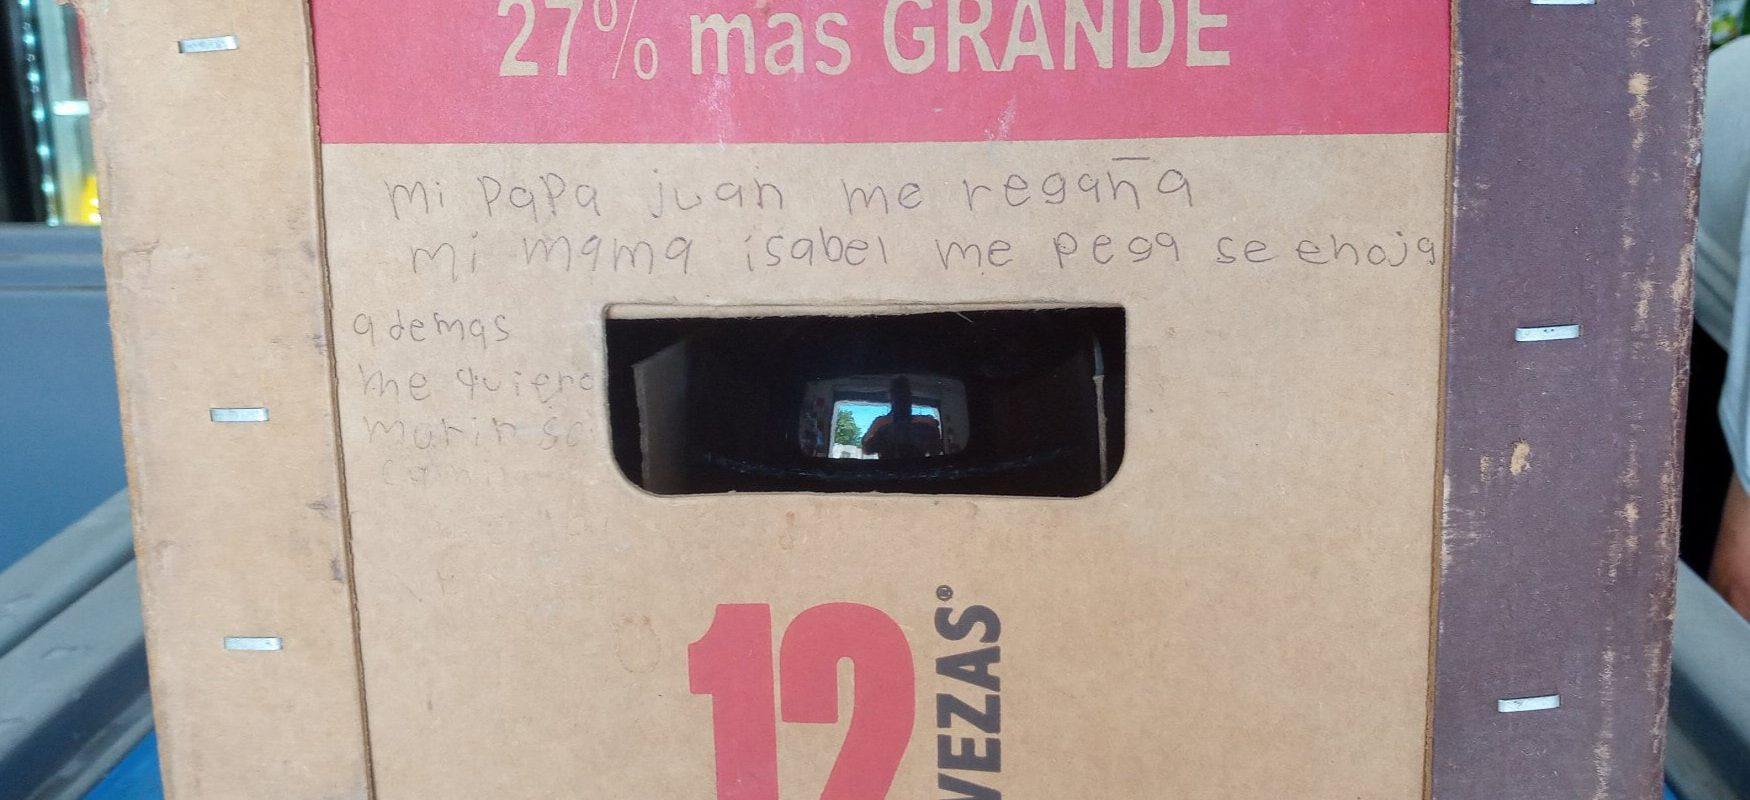 Me quiero morir; niña de Coahuila pide ayuda en un cartón de cerveza